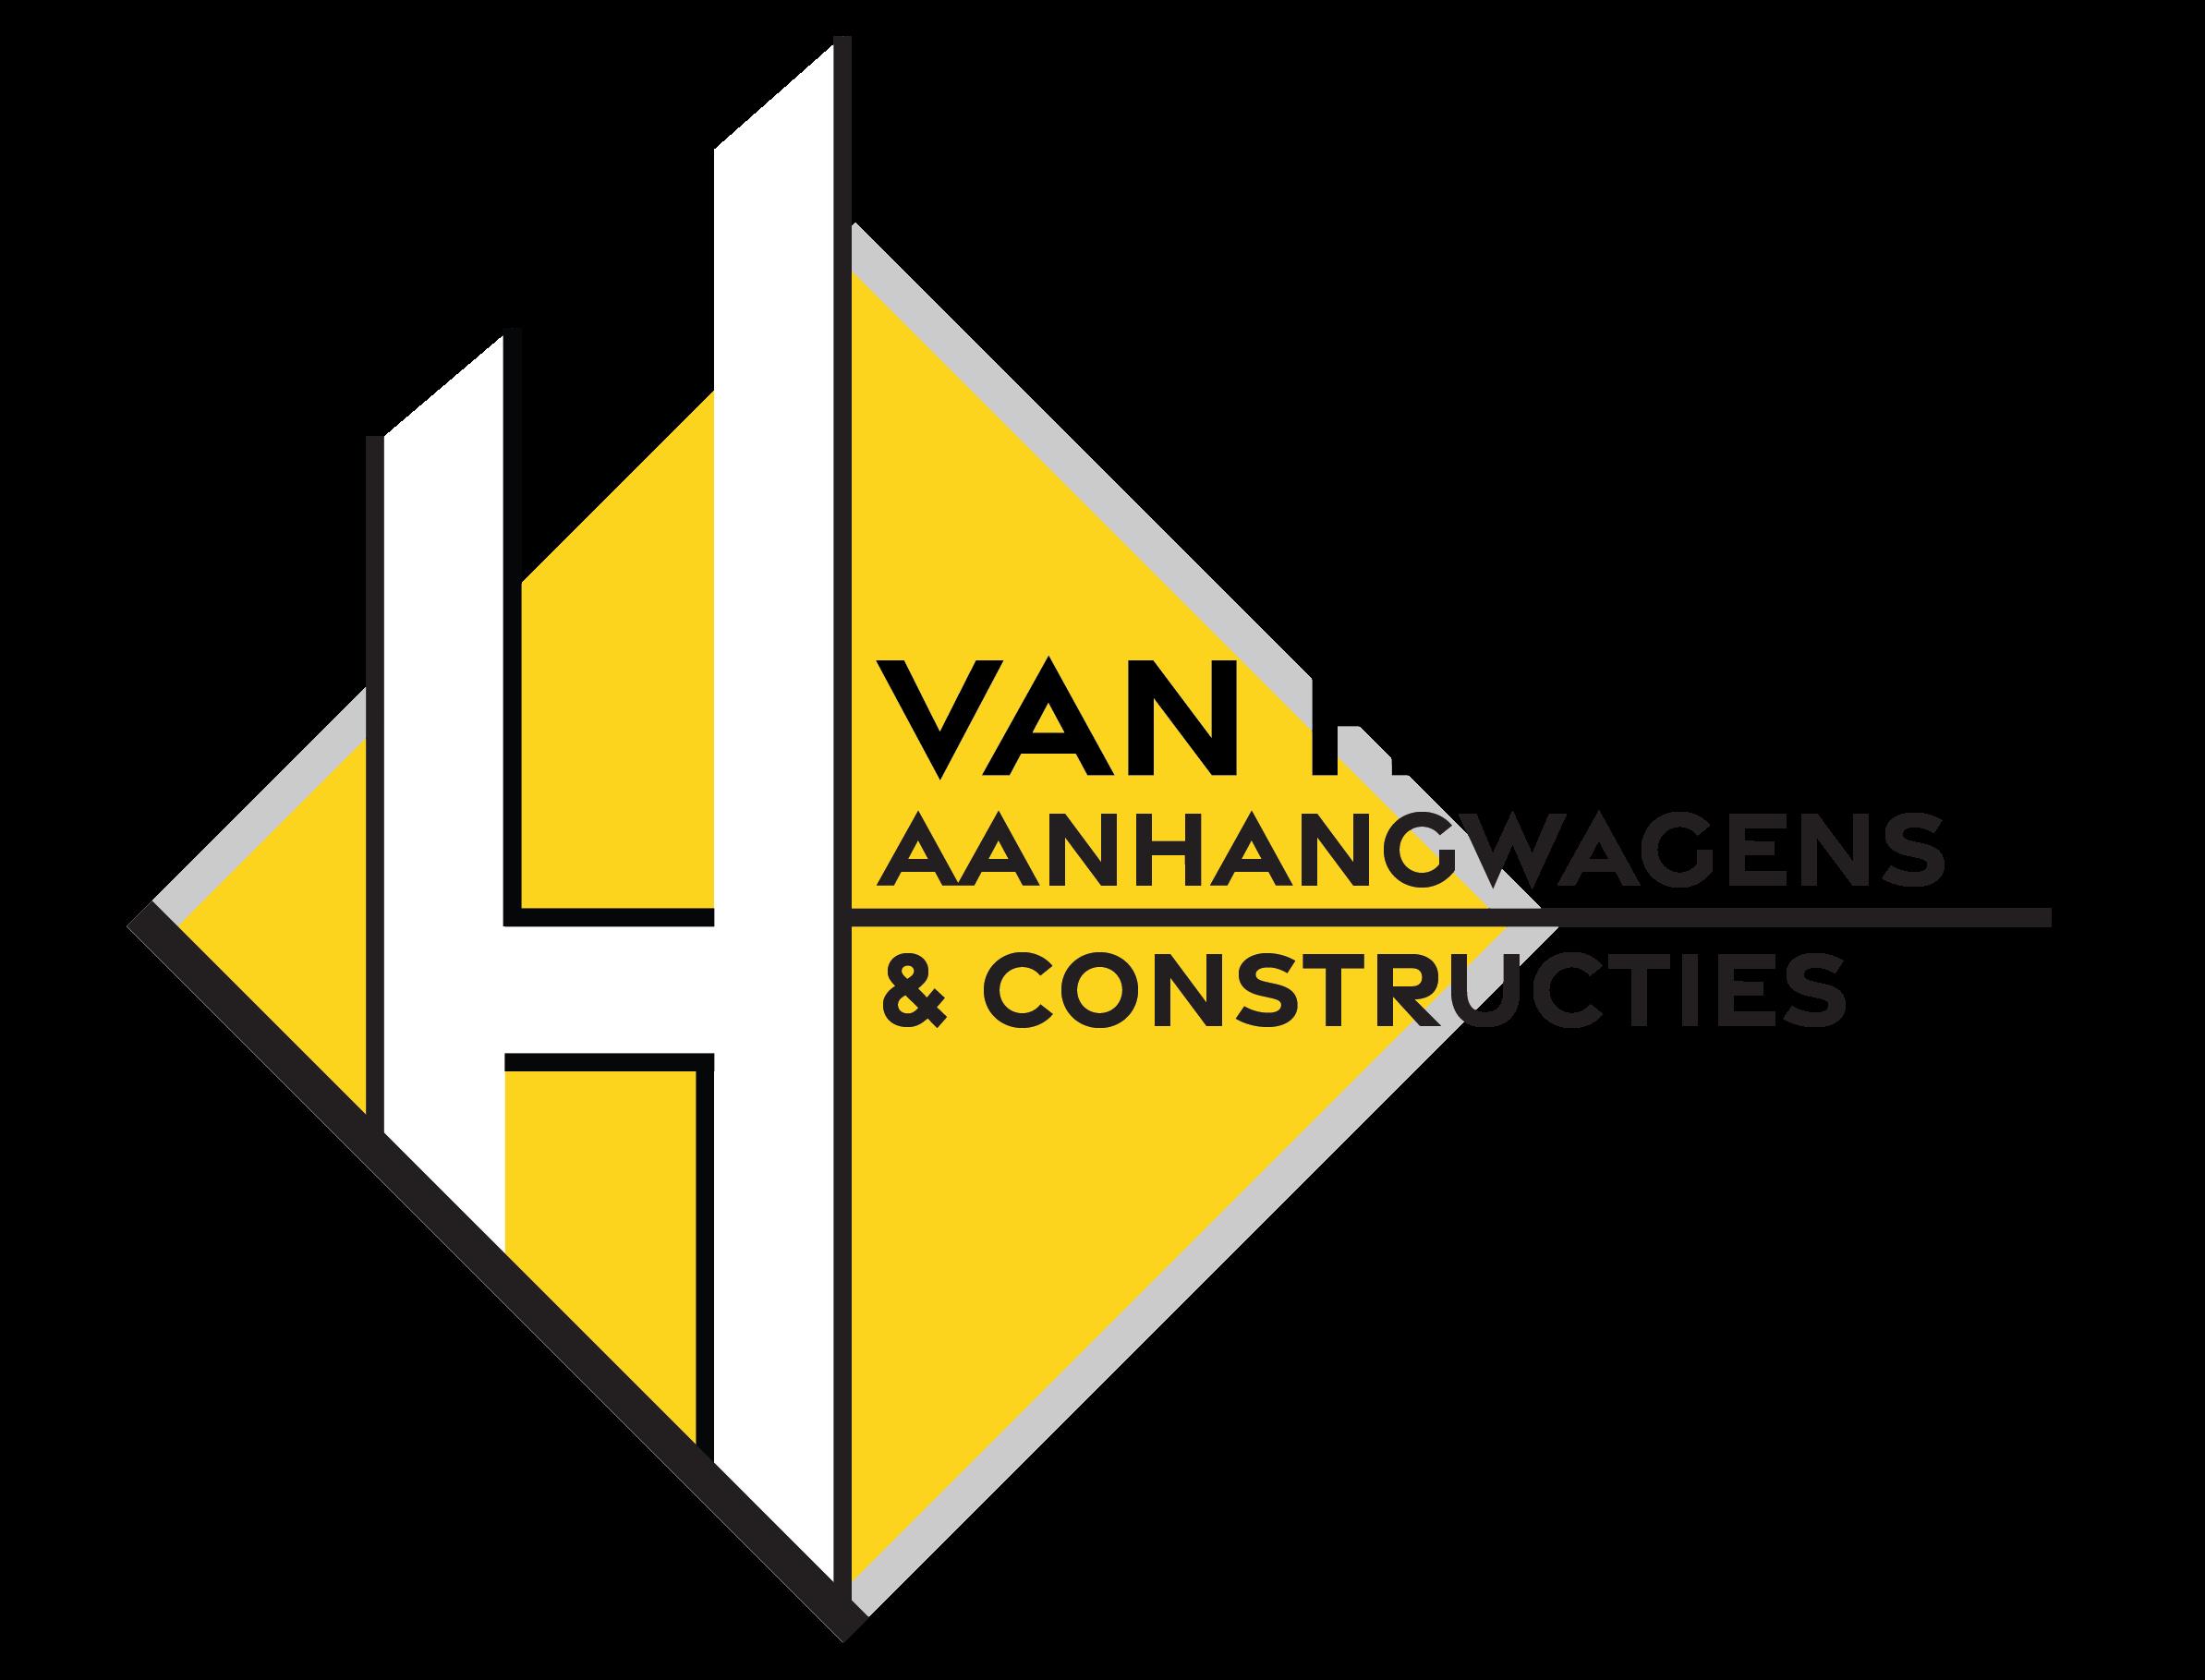 vanhoeckemartin